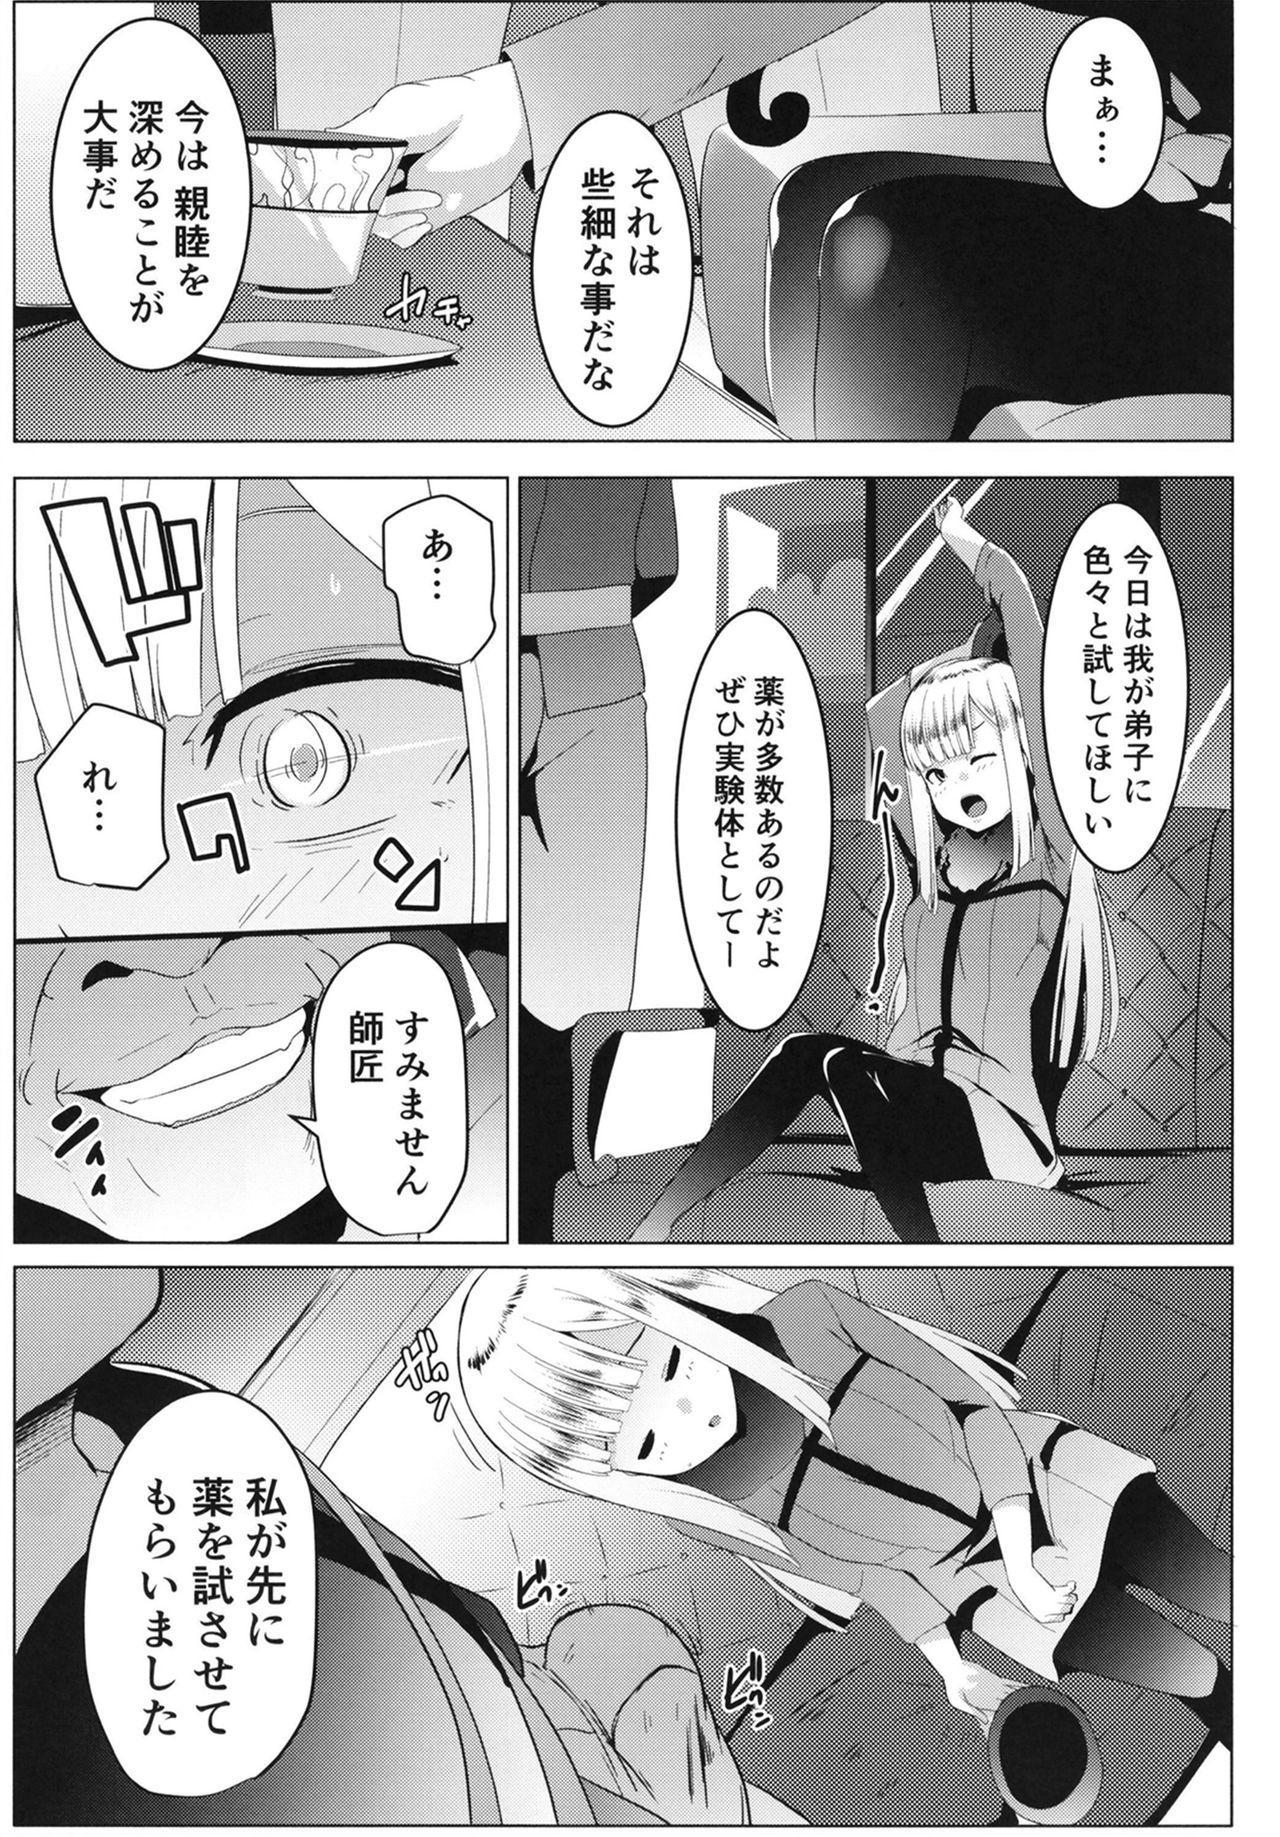 Neoki no Shishou wa Tonikaku Eroi 6